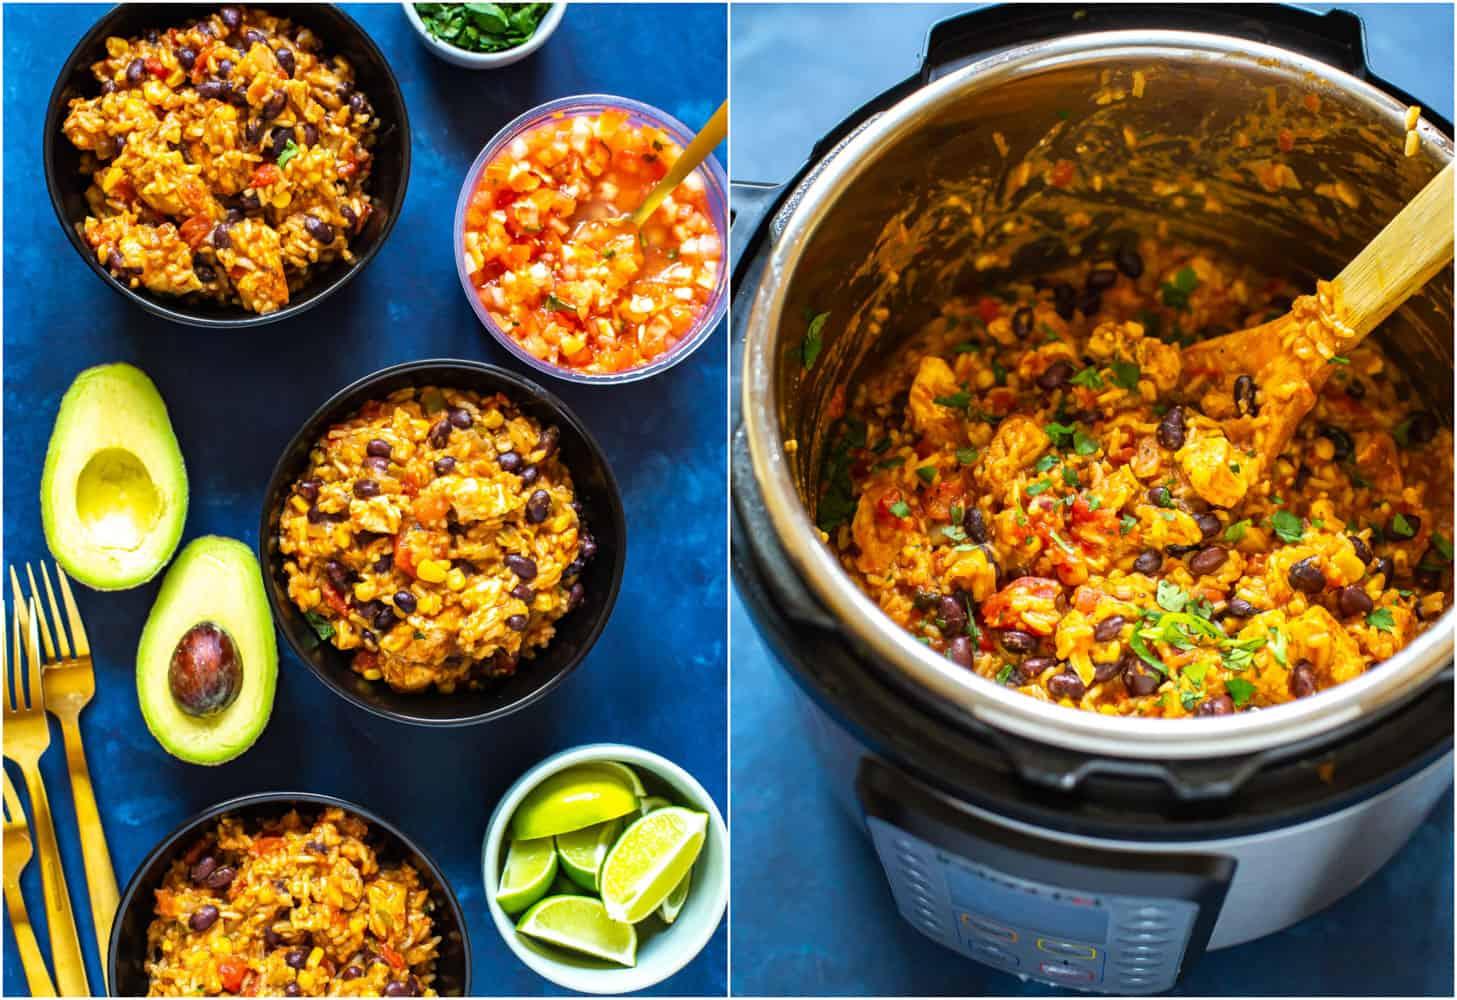 Instant Pot Burrito Bowl recipe